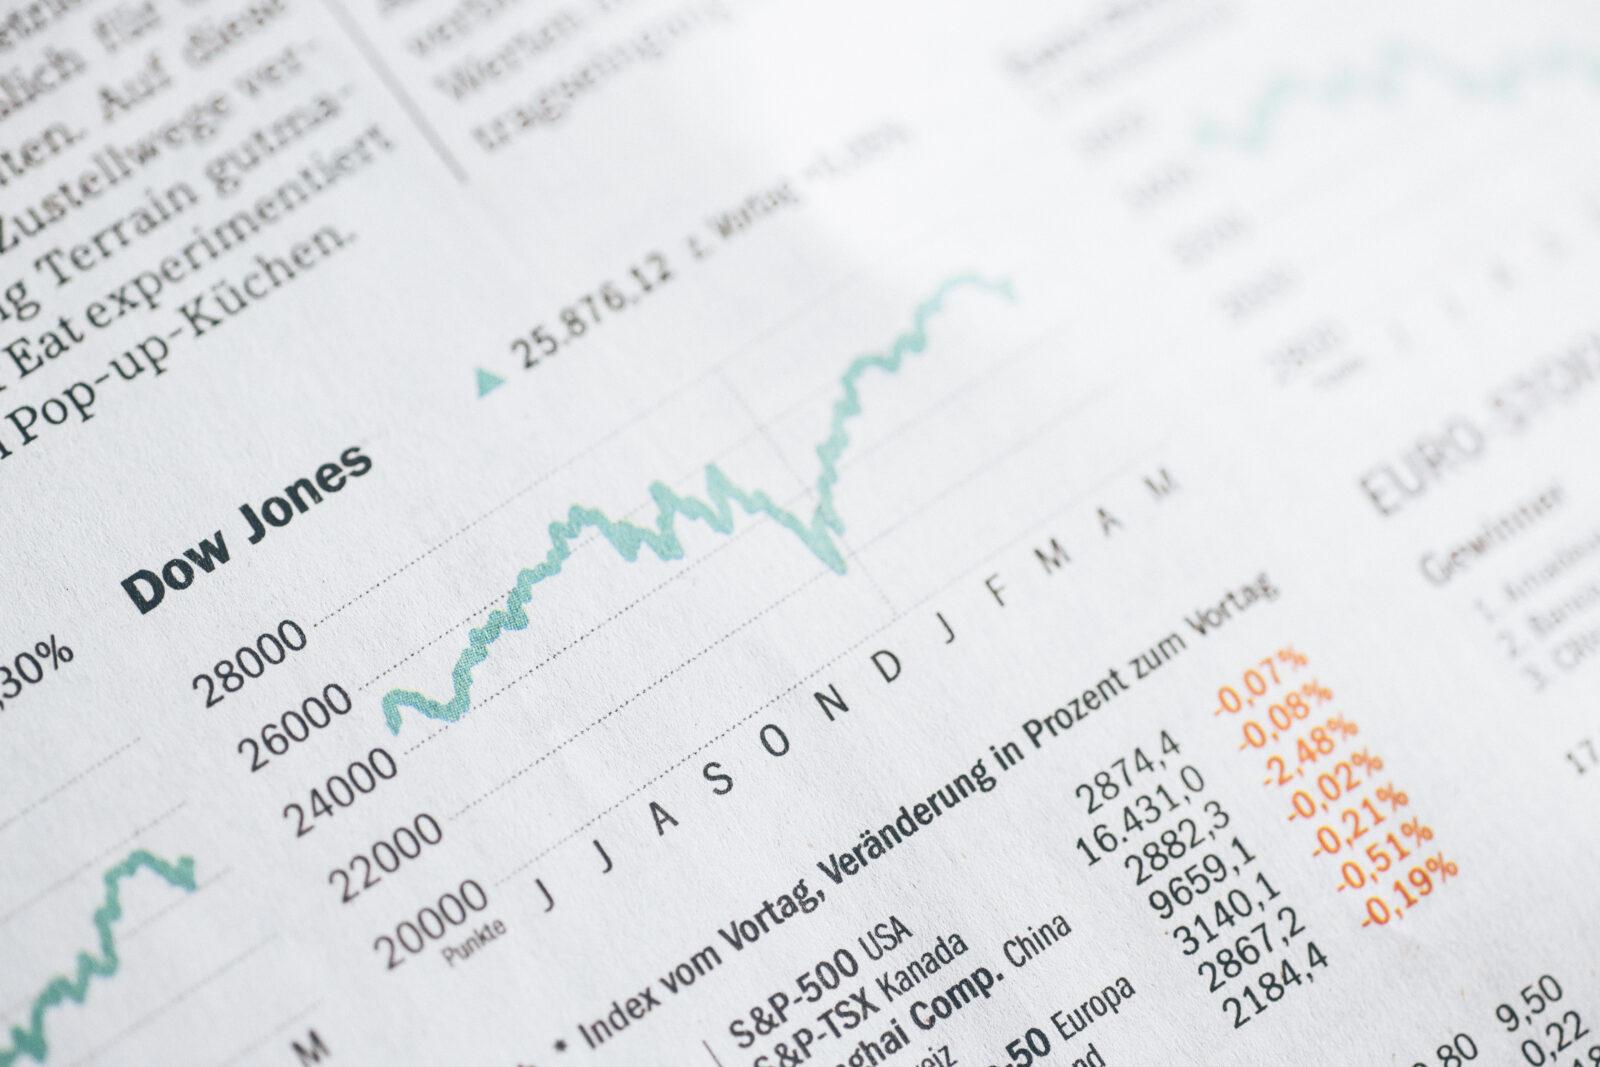 Har du husket at indberette dine udenlandske værdipapirer?